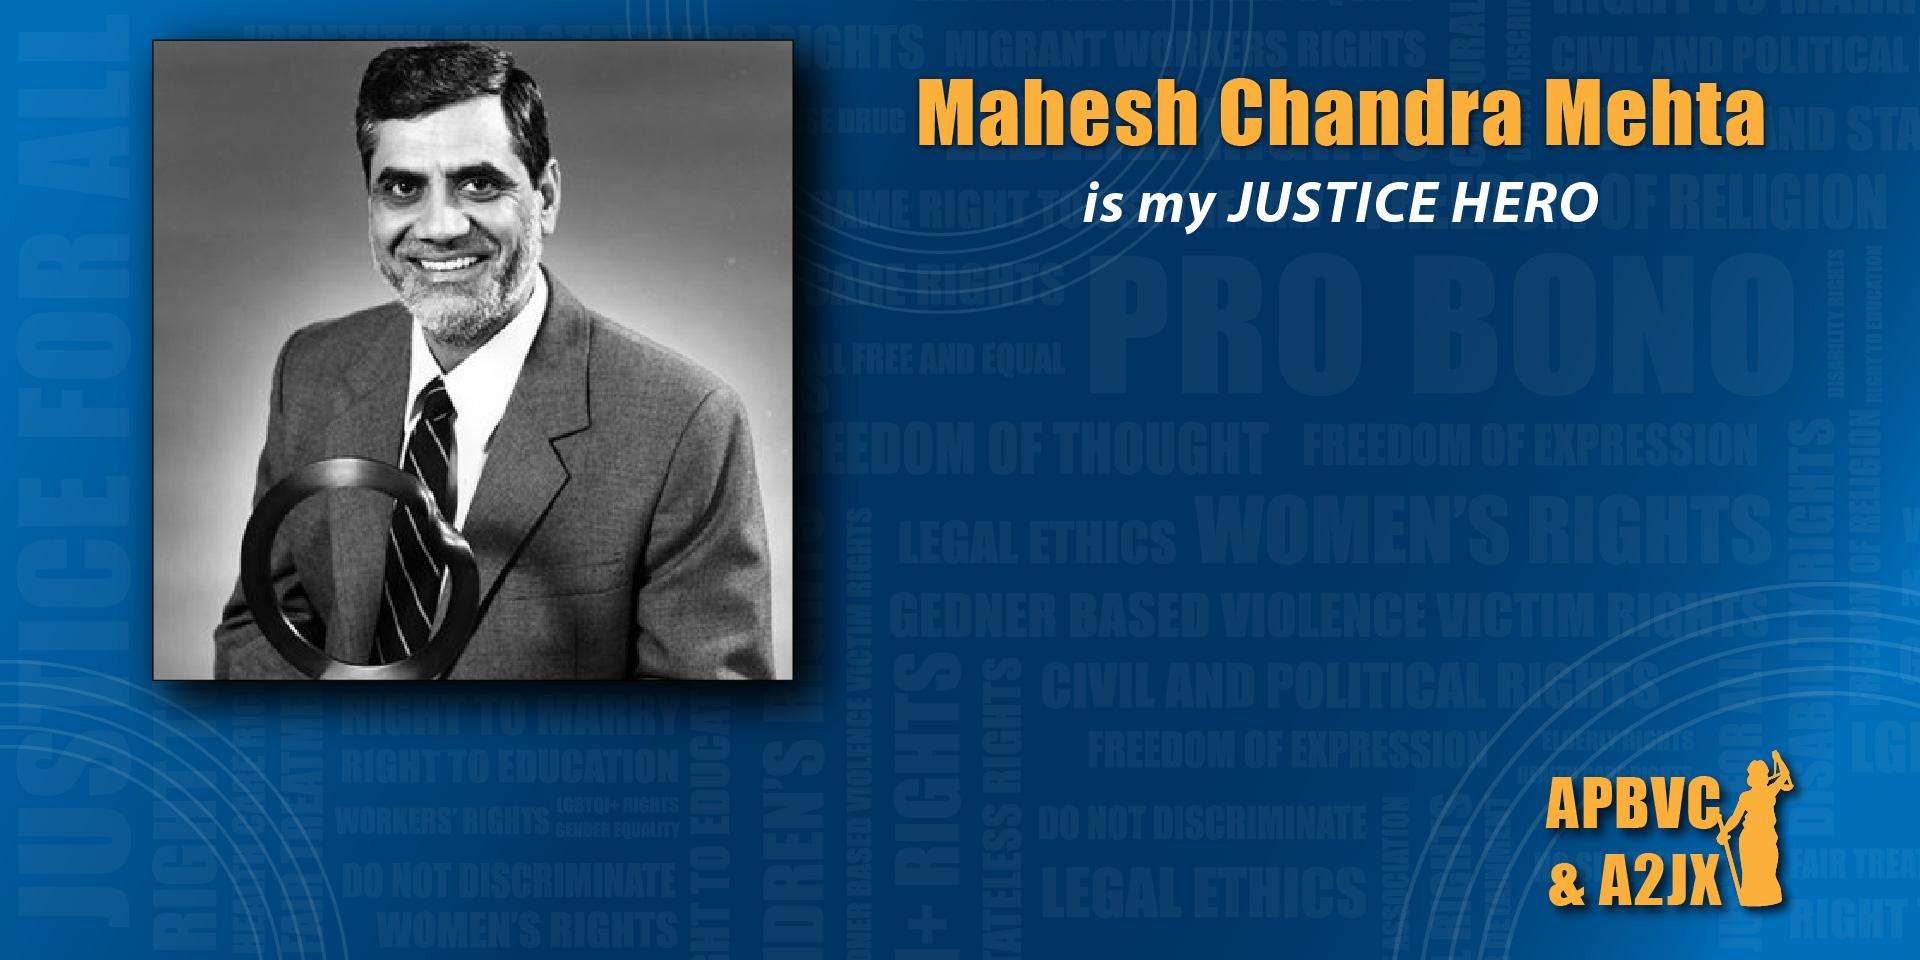 Mahesh Chandra Mehta